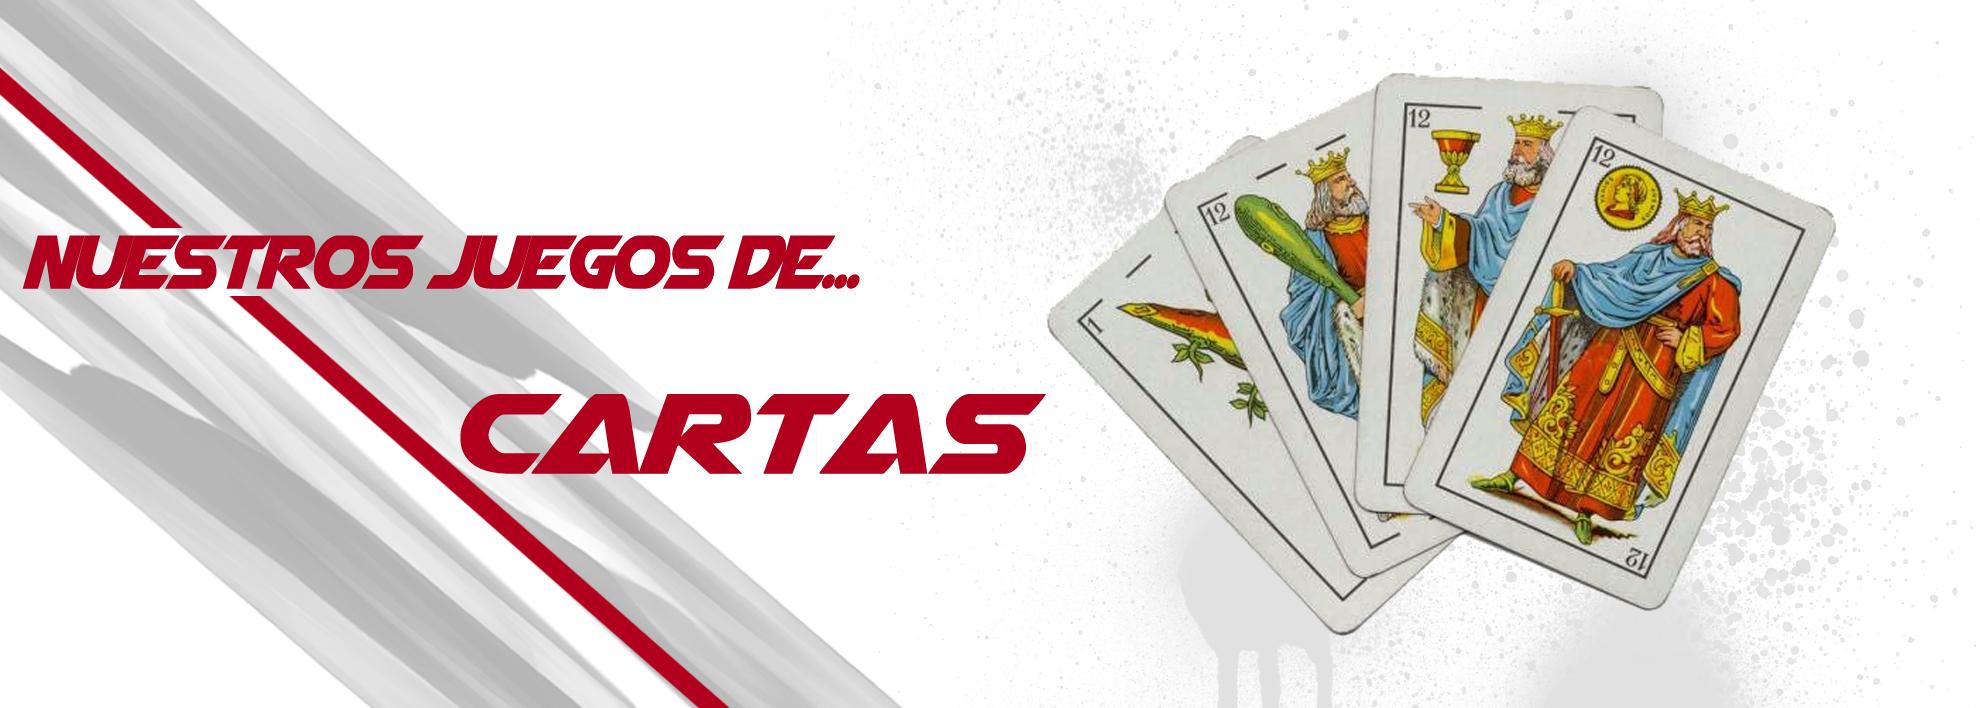 Nuestros juegos de...cartas